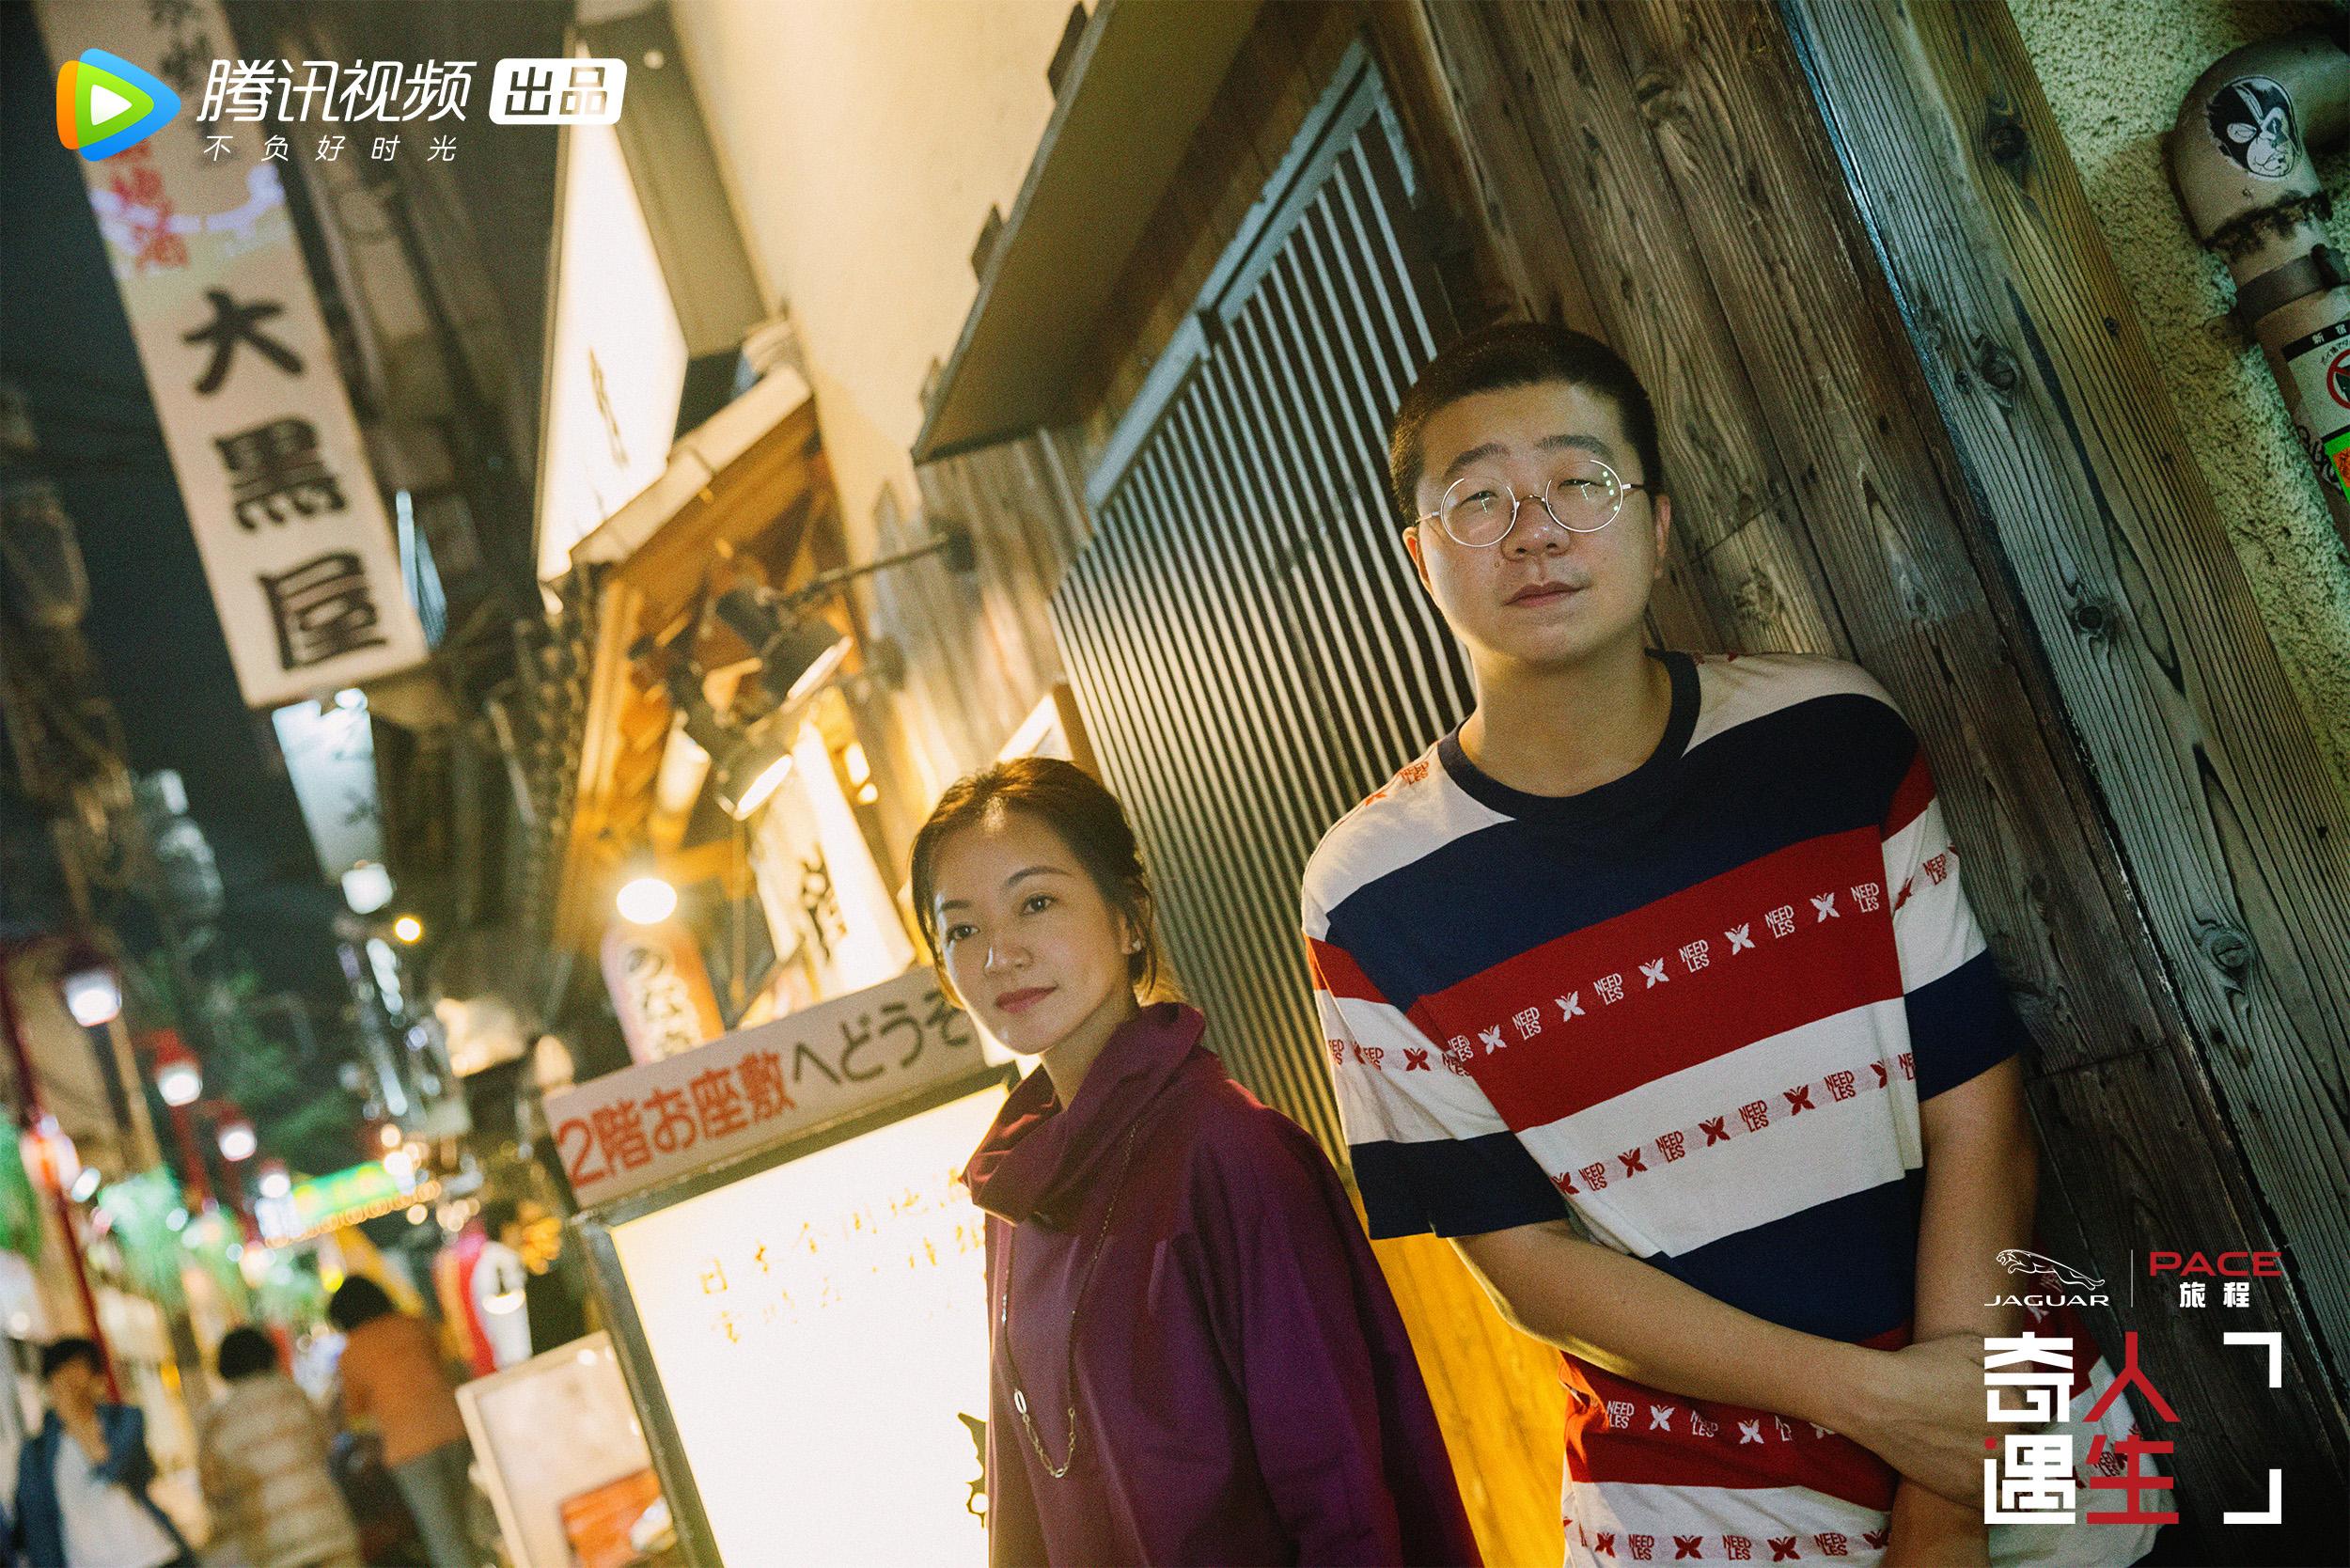 《奇遇人生》日本探訪禪院 李誕酒后吐真言